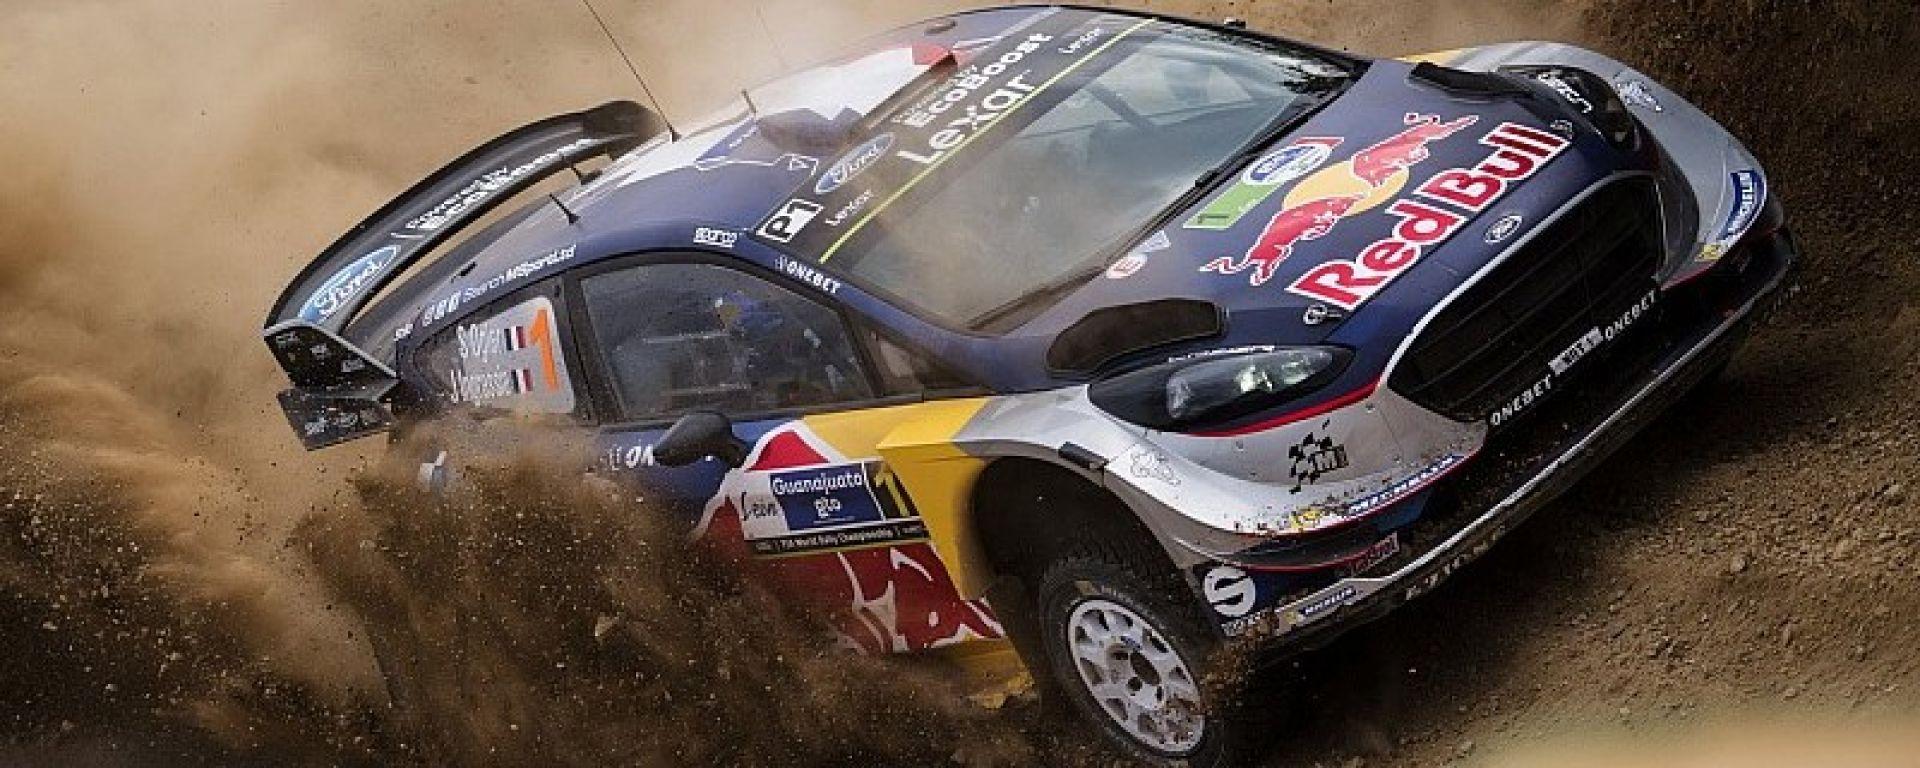 Sebastien Ogier al Rally del Messico con la sua Ford Fiesta WRC